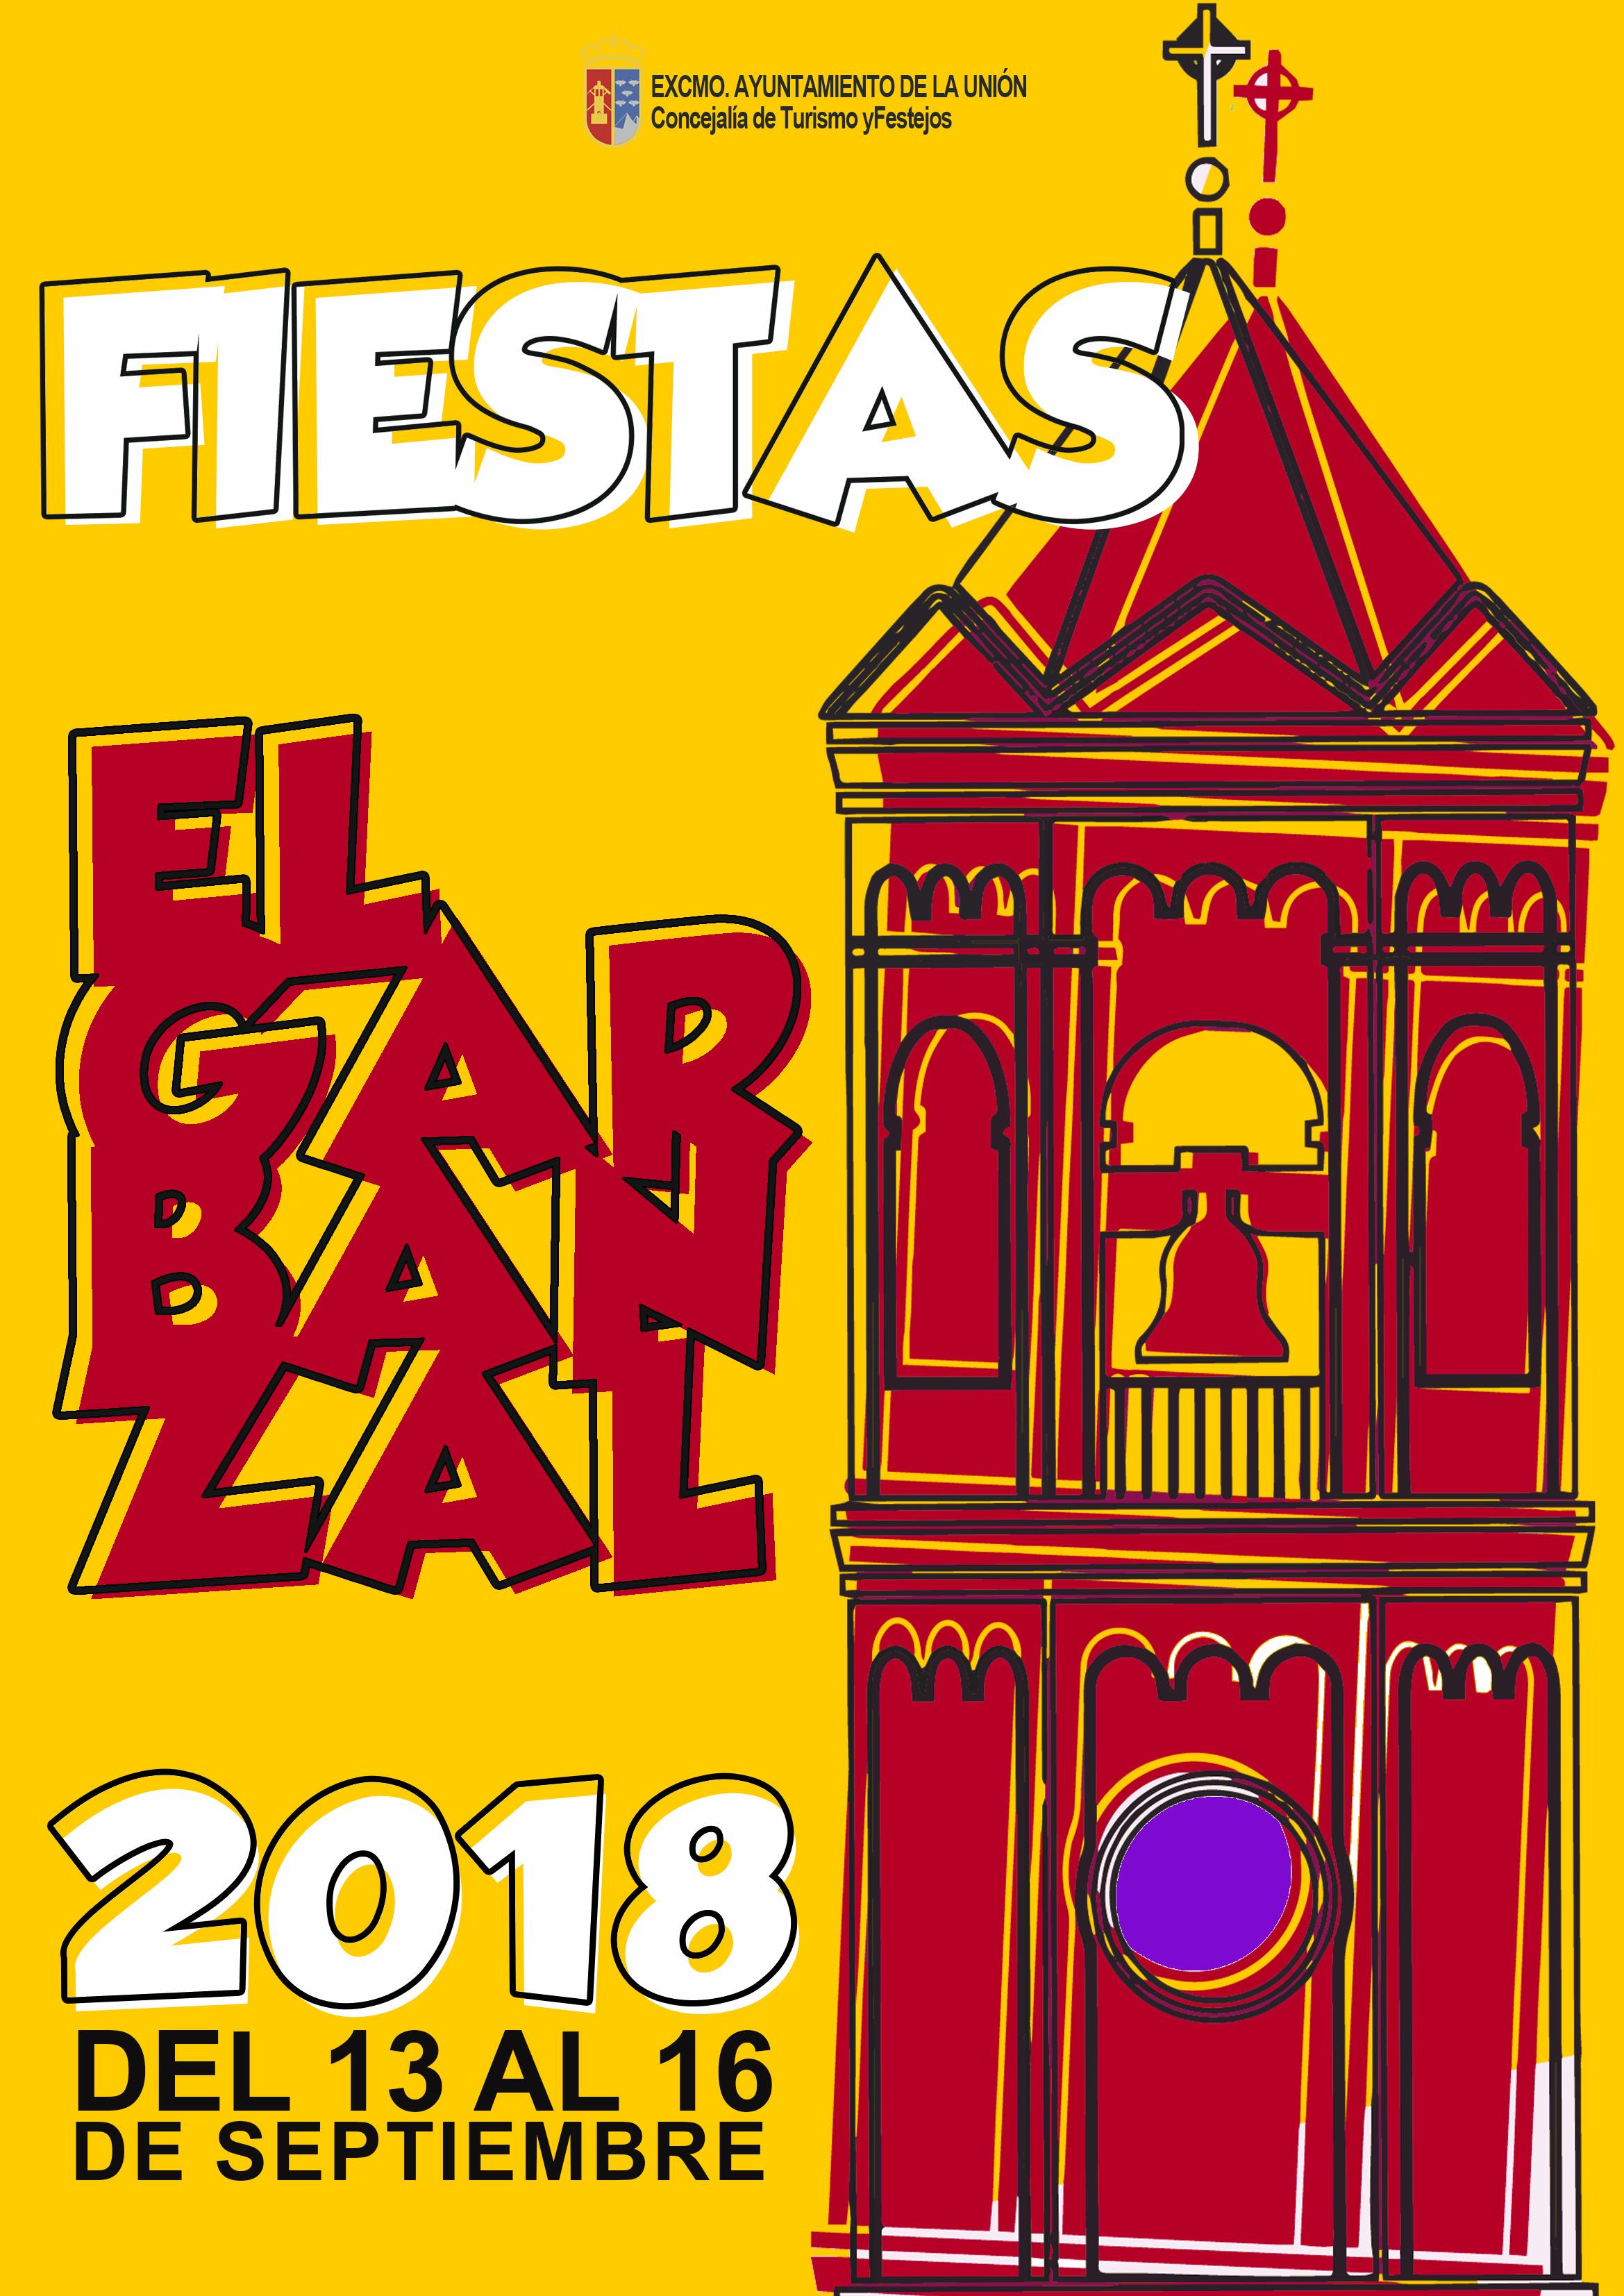 Fiestas de El Garbanzal del 13 al 16 de Septiembre. | Excmo ...